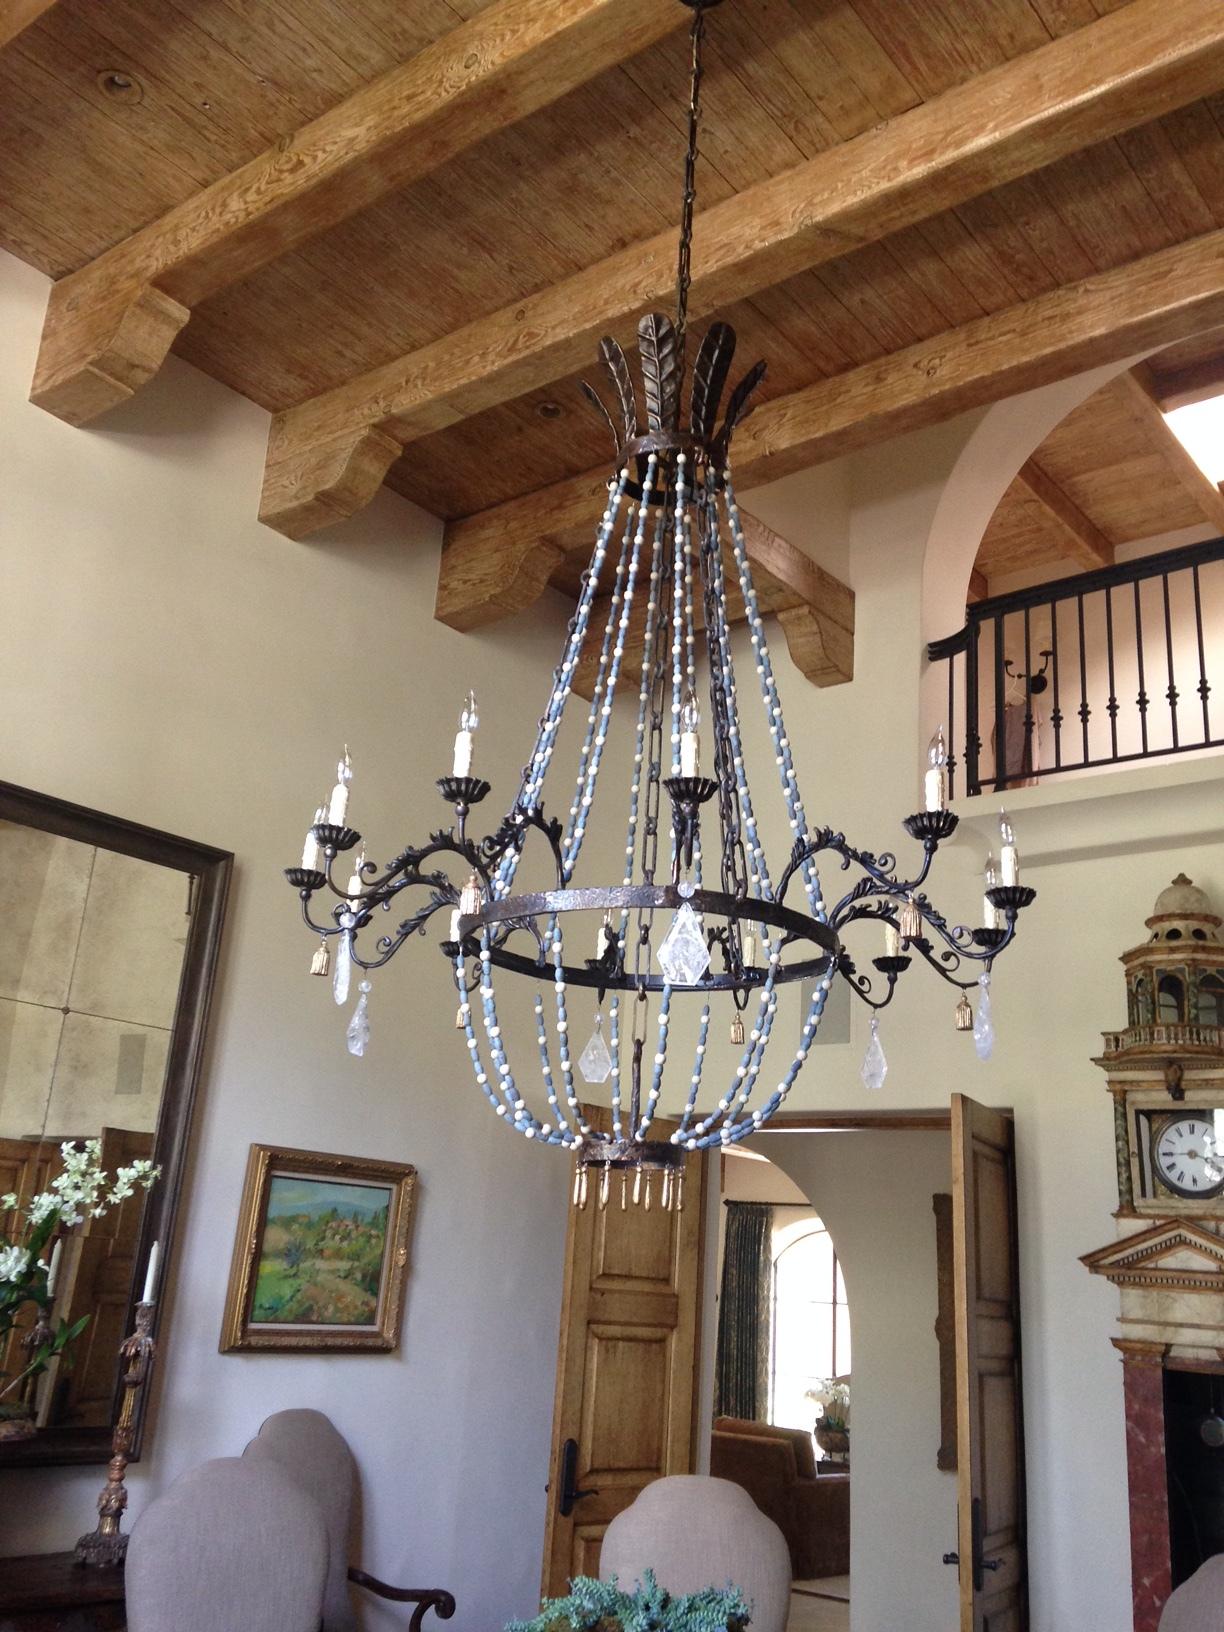 negresco_chandelier(2).JPG